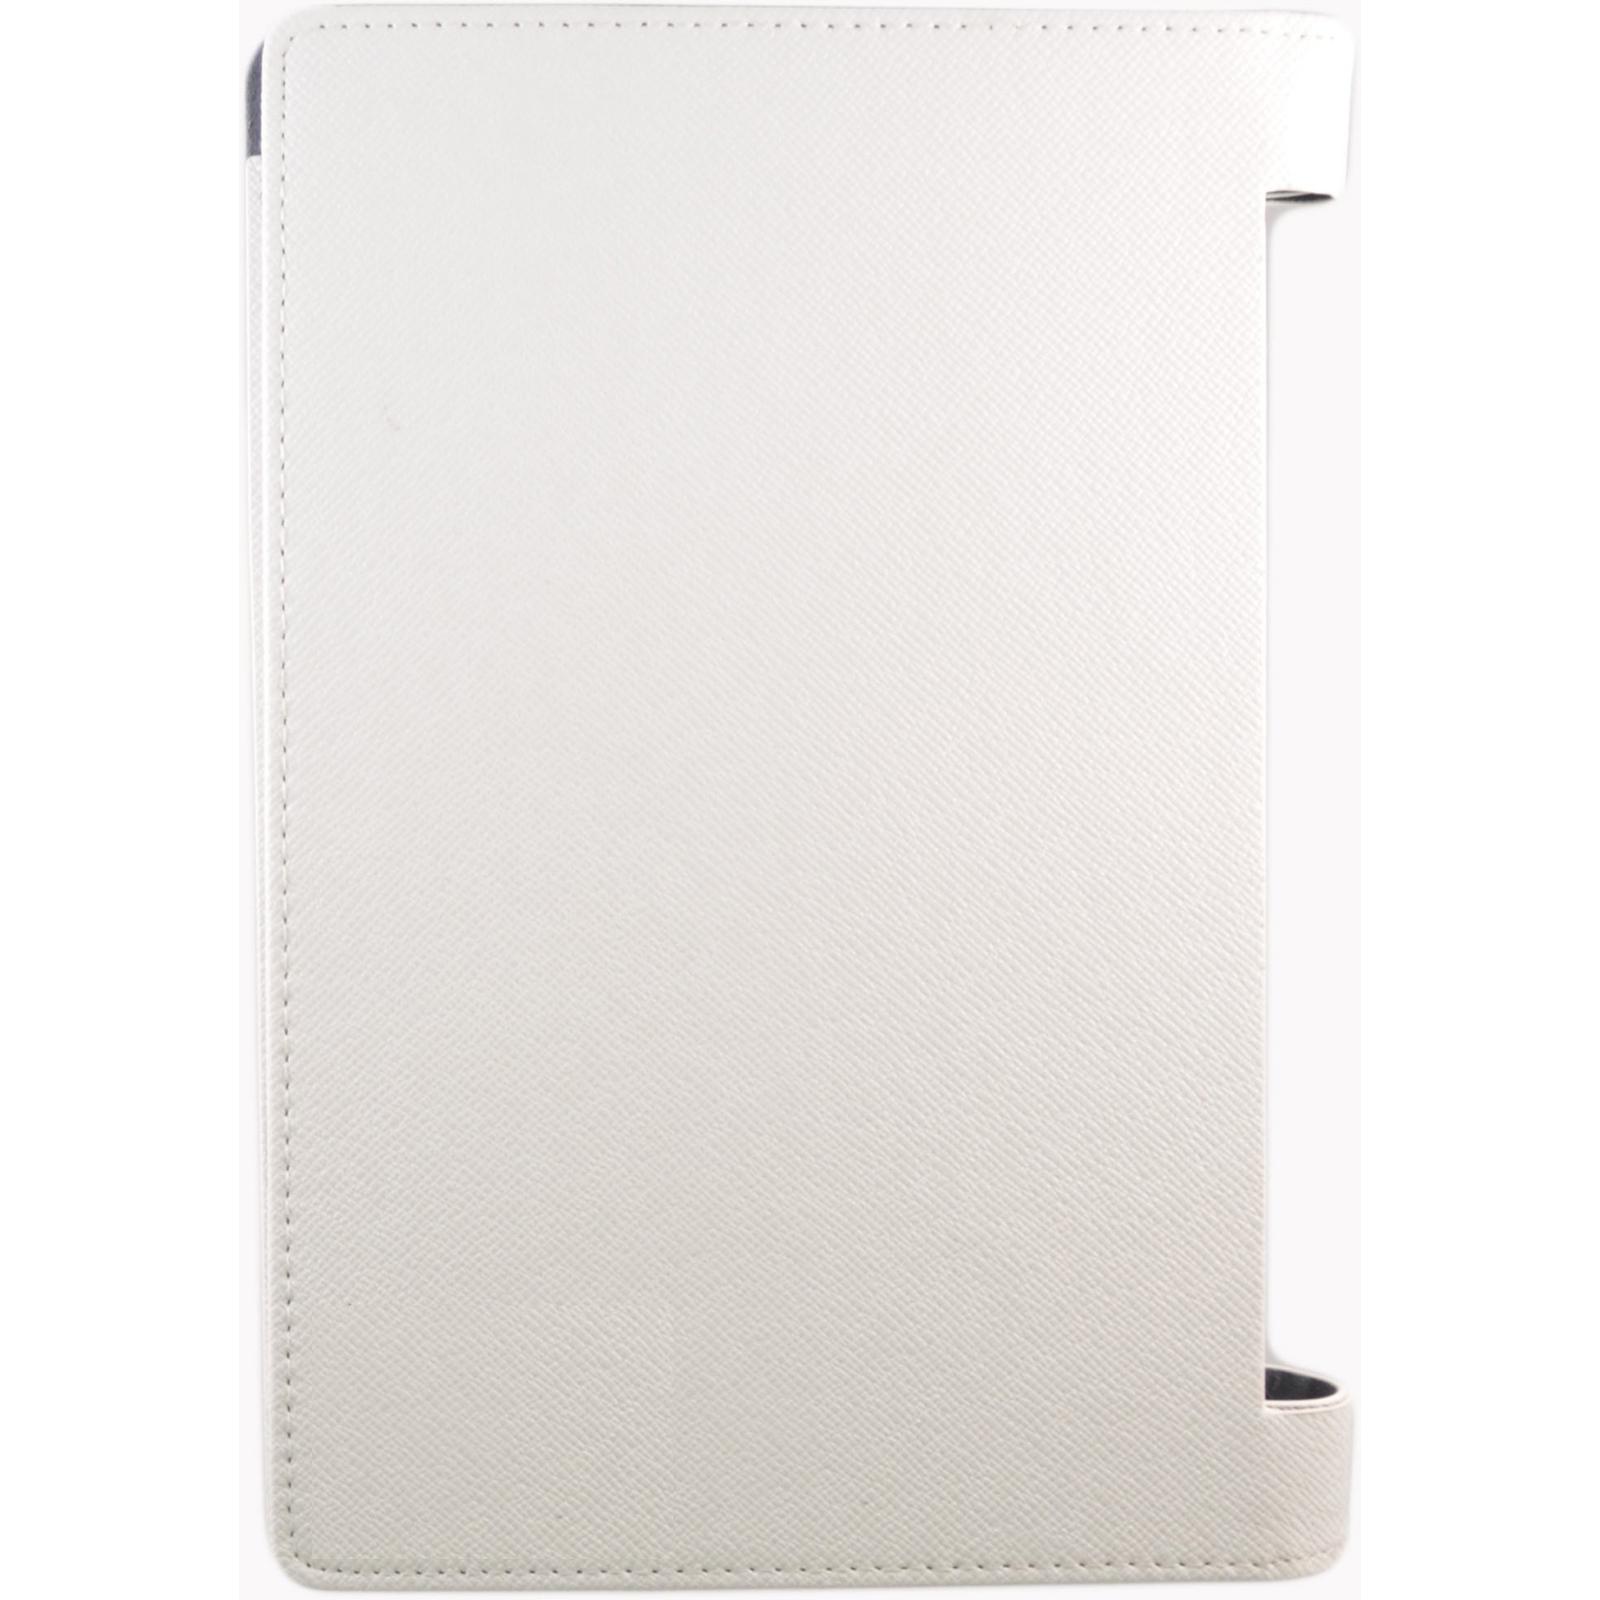 """Чехол для планшета Pro-case для Lenovo B8000 Yoga 10"""" white (PC B8000w)"""